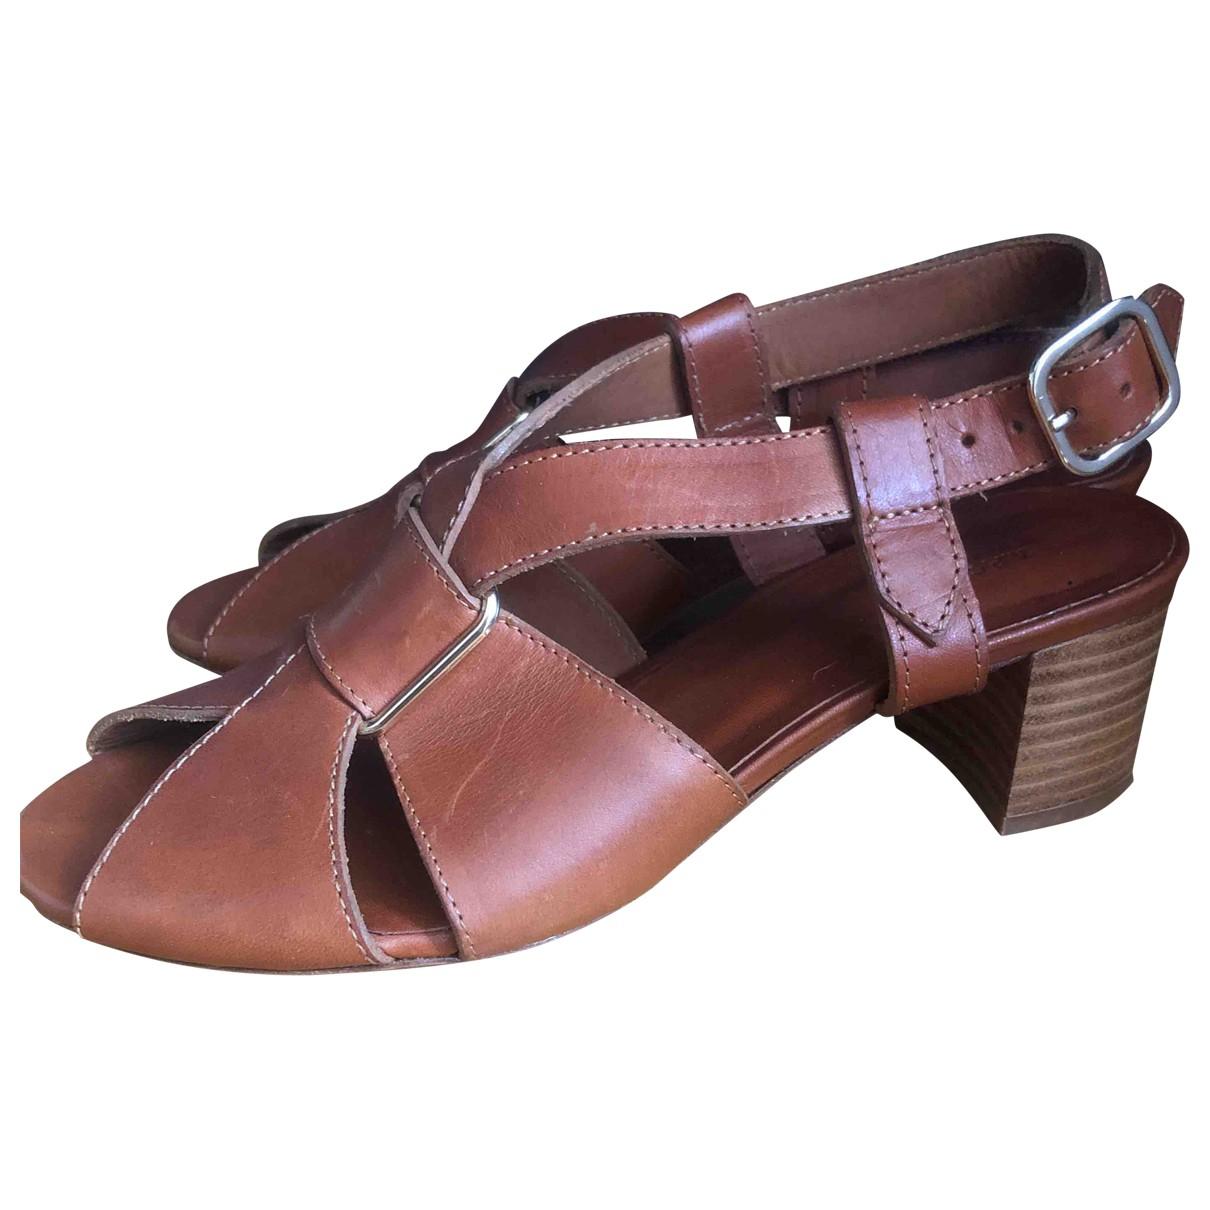 Apc - Sandales   pour femme en cuir - marron